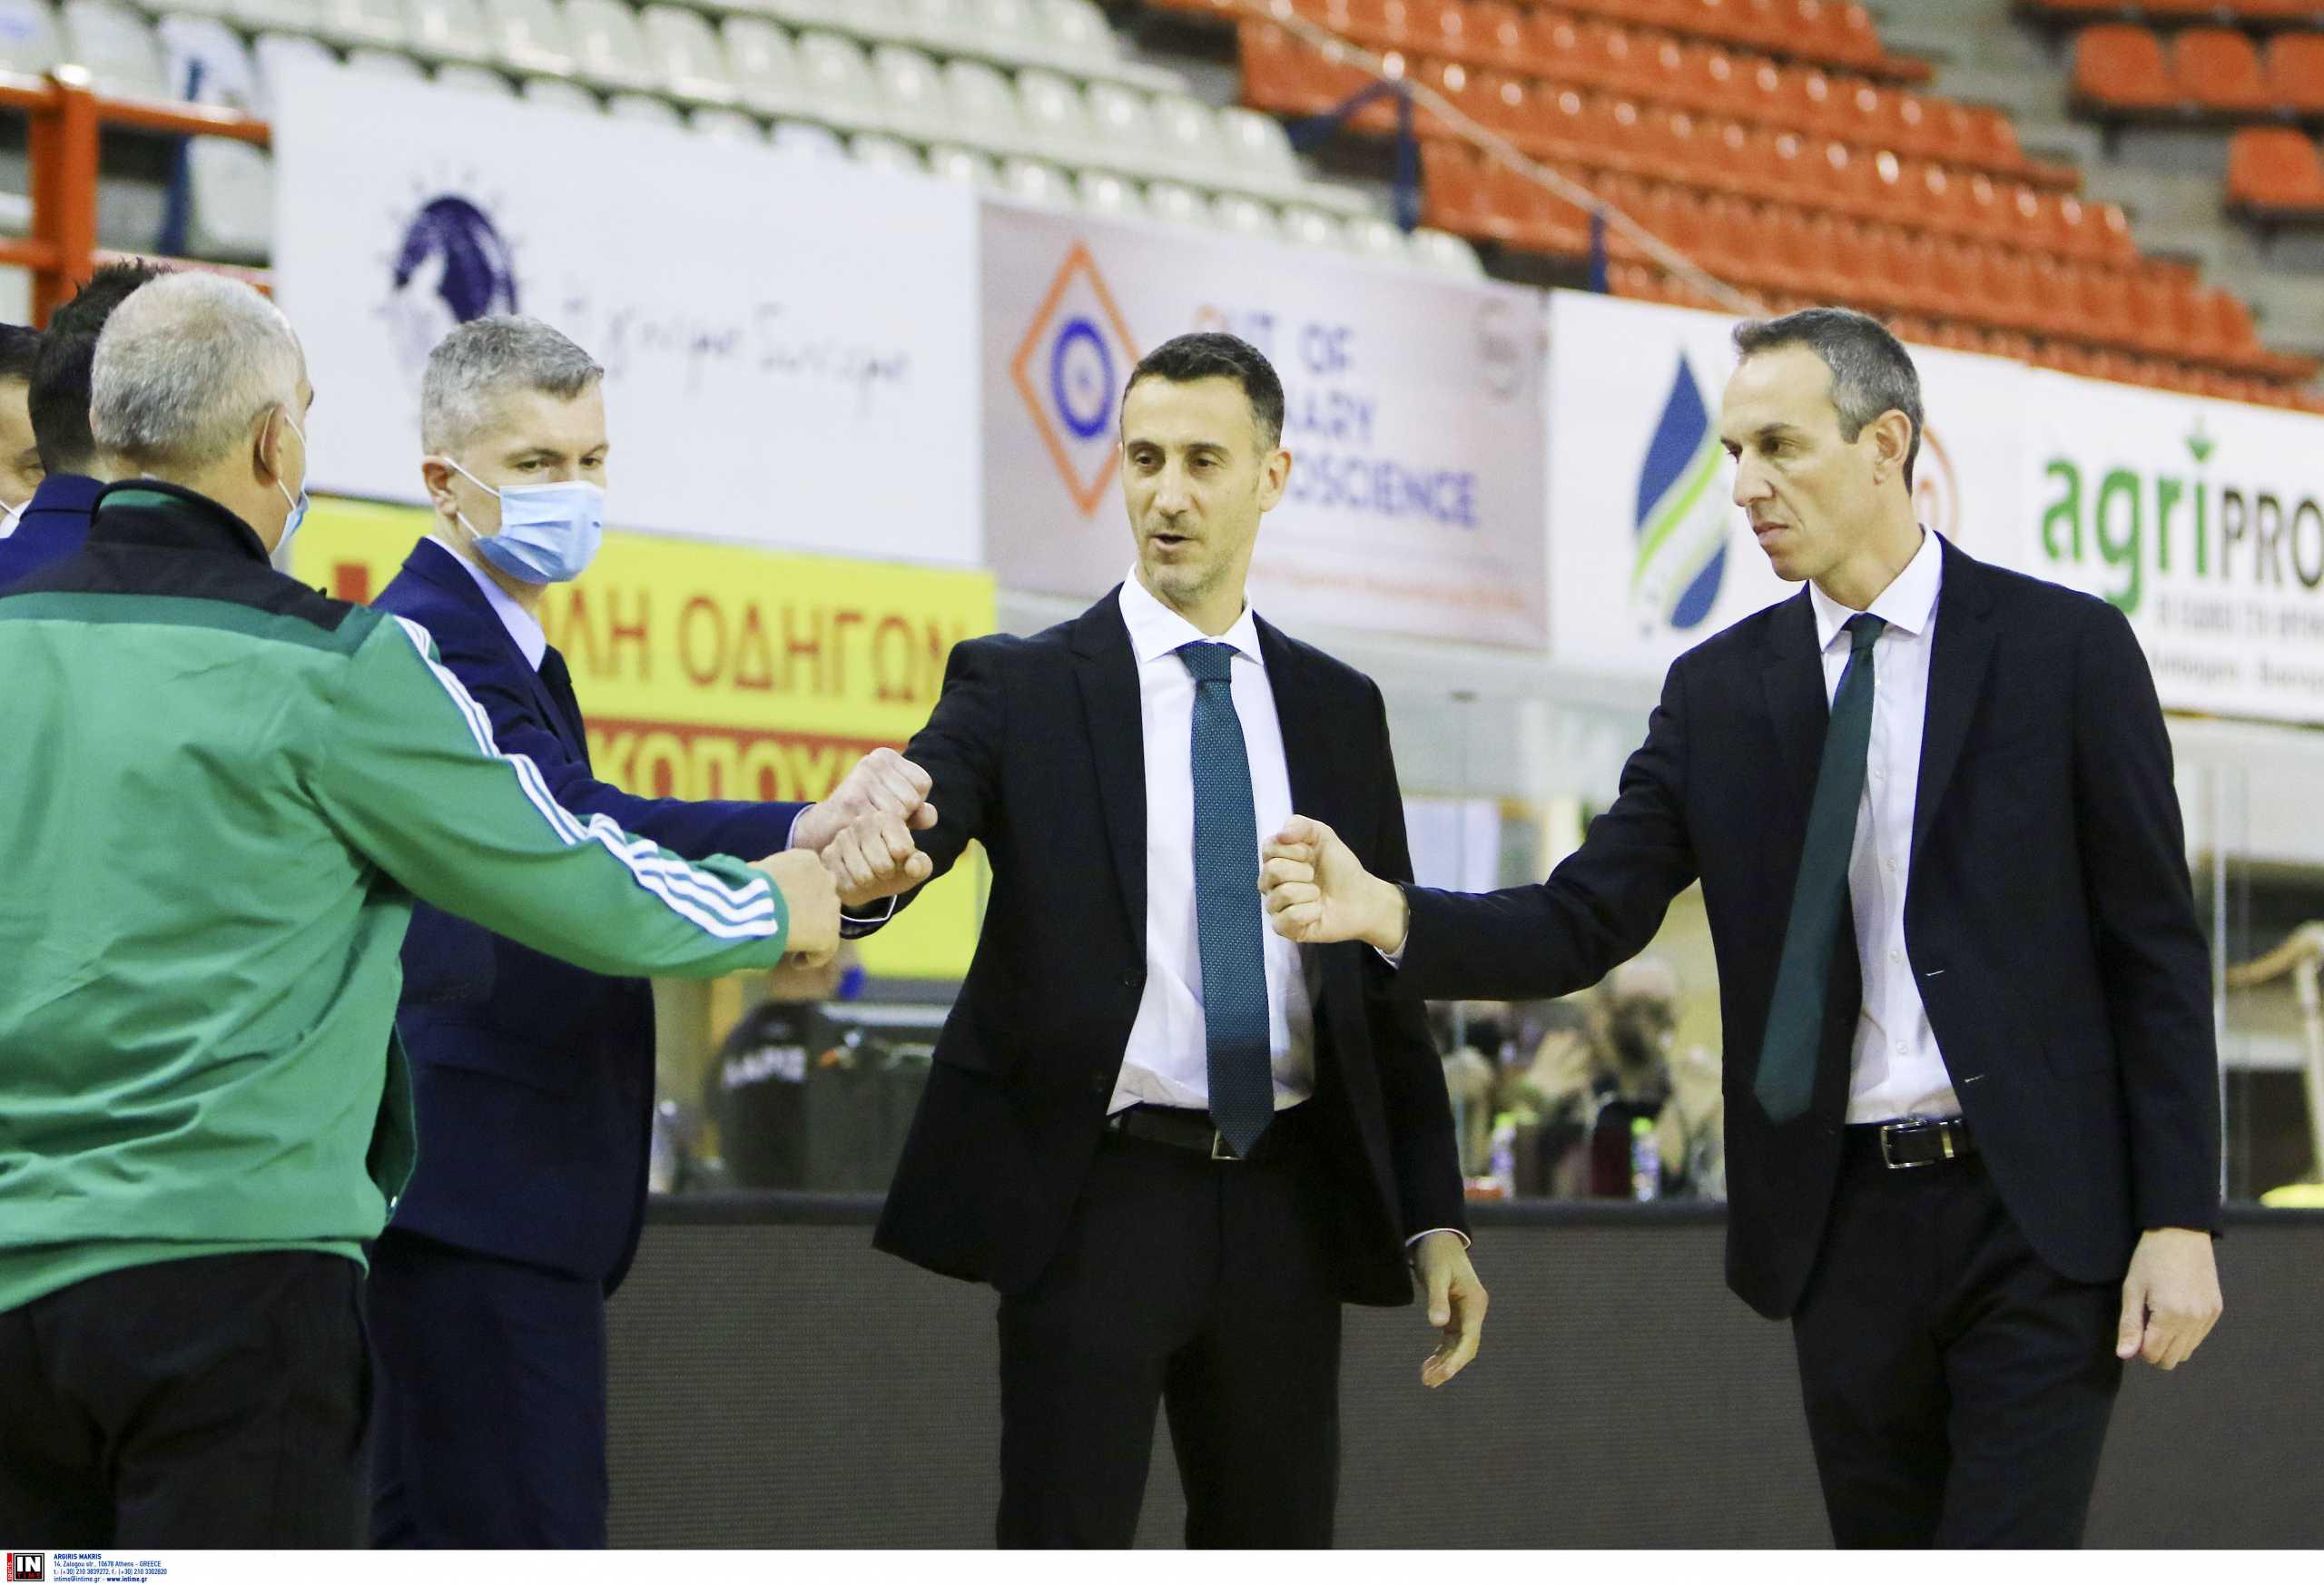 Παναθηναϊκός: «Ο Κάτας θέλει να φέρει κάτι που δεν έχουμε ξαναδεί στη Euroleague» είπε ο Λούμπιν